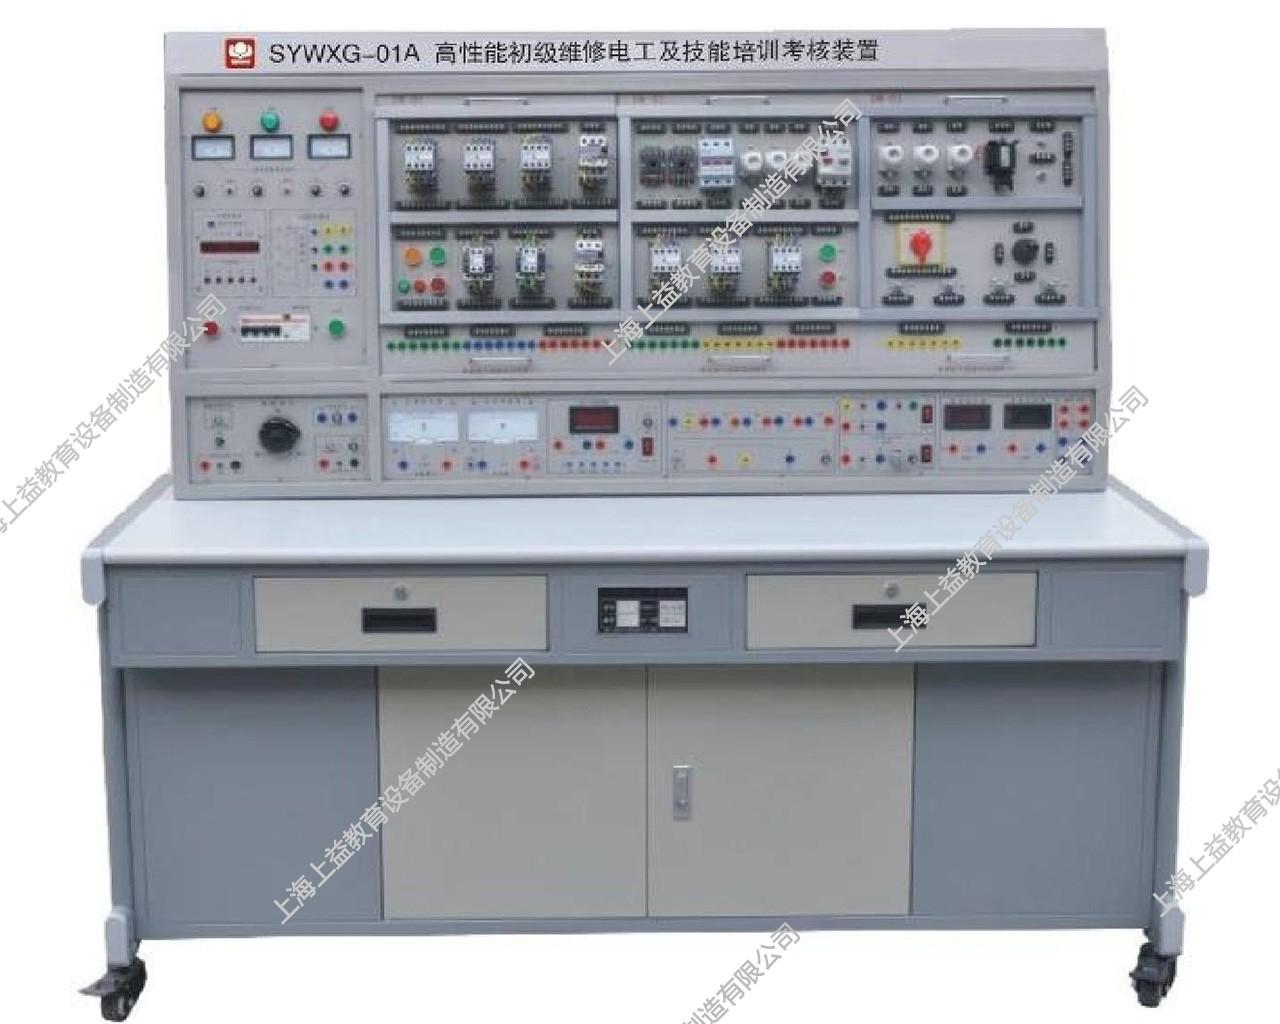 SYWXG-01A高性能初级维修电工及技能培训lehu68vip装置